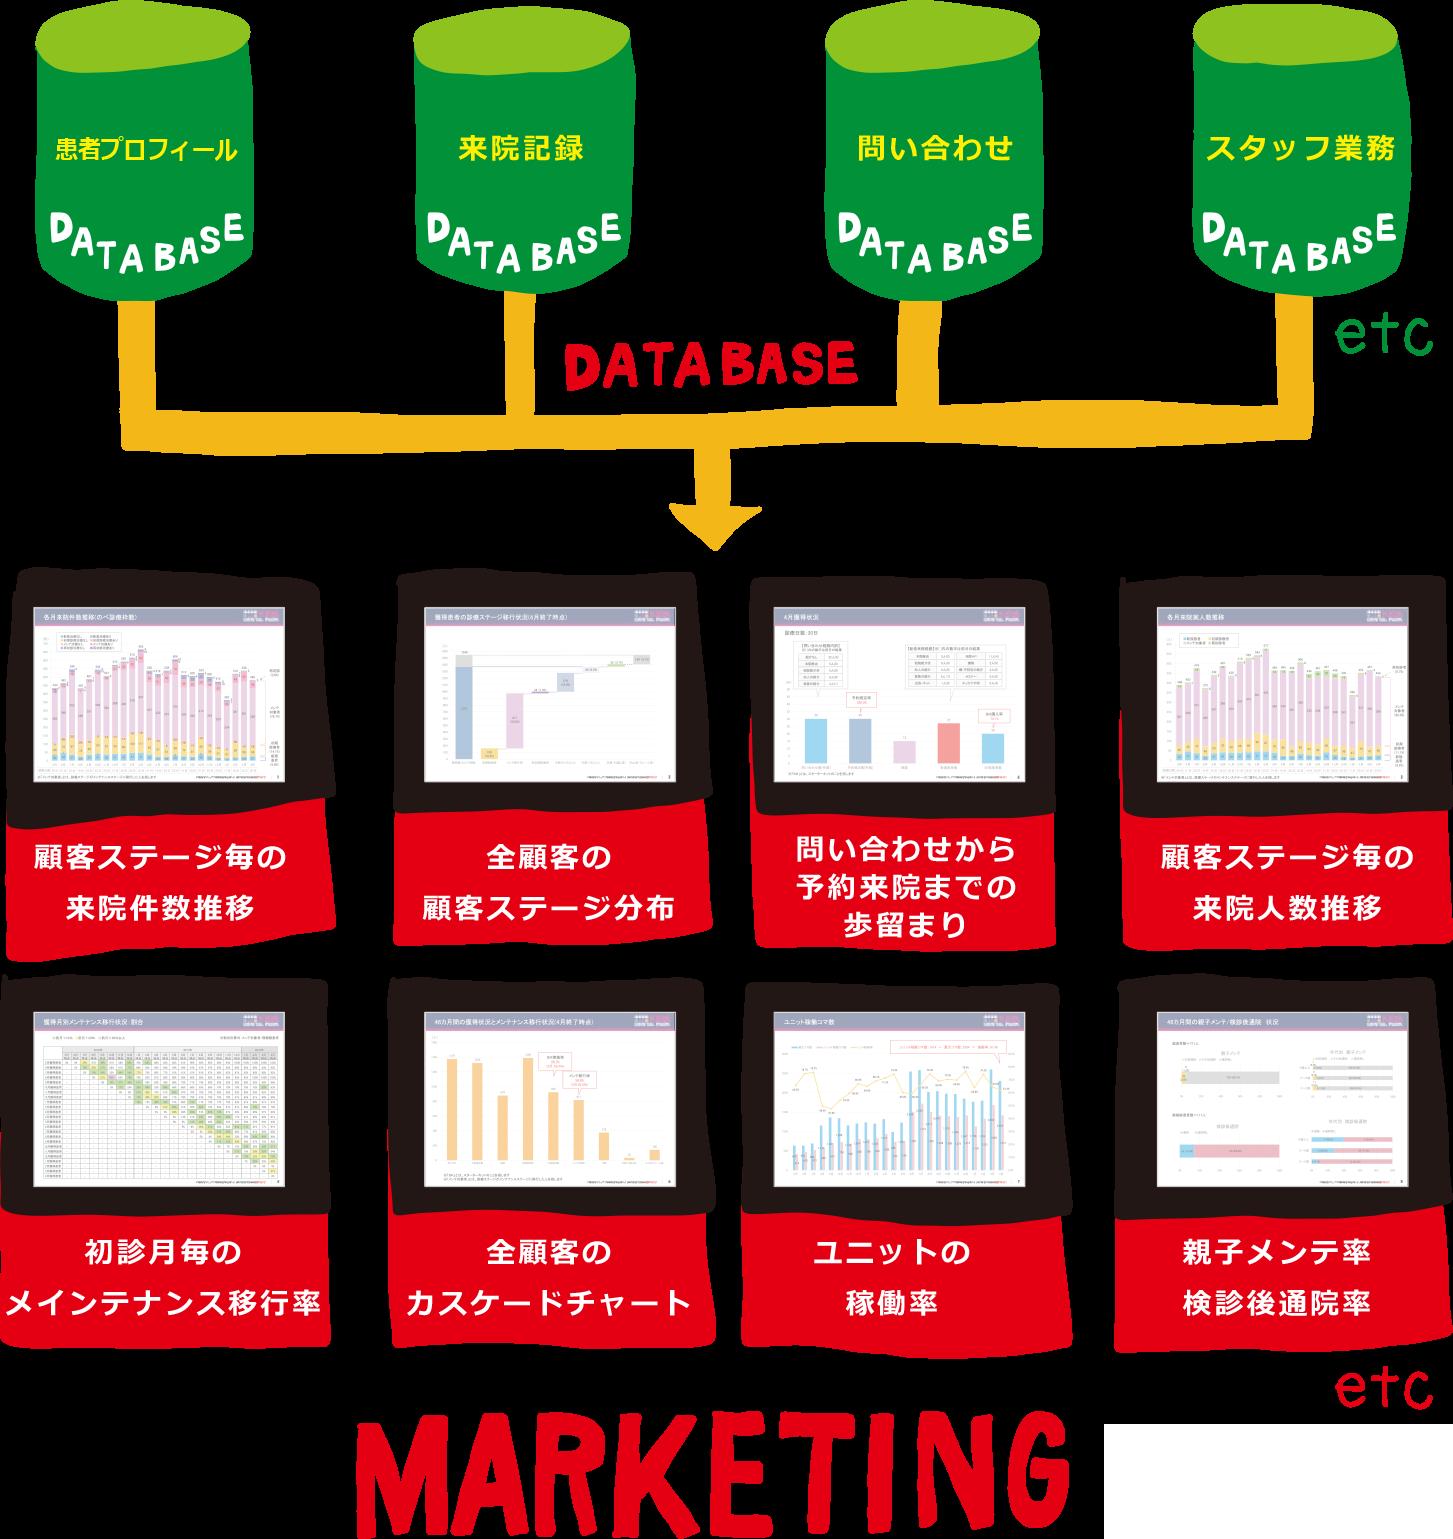 KDPの強み④「マーケティング×データ」